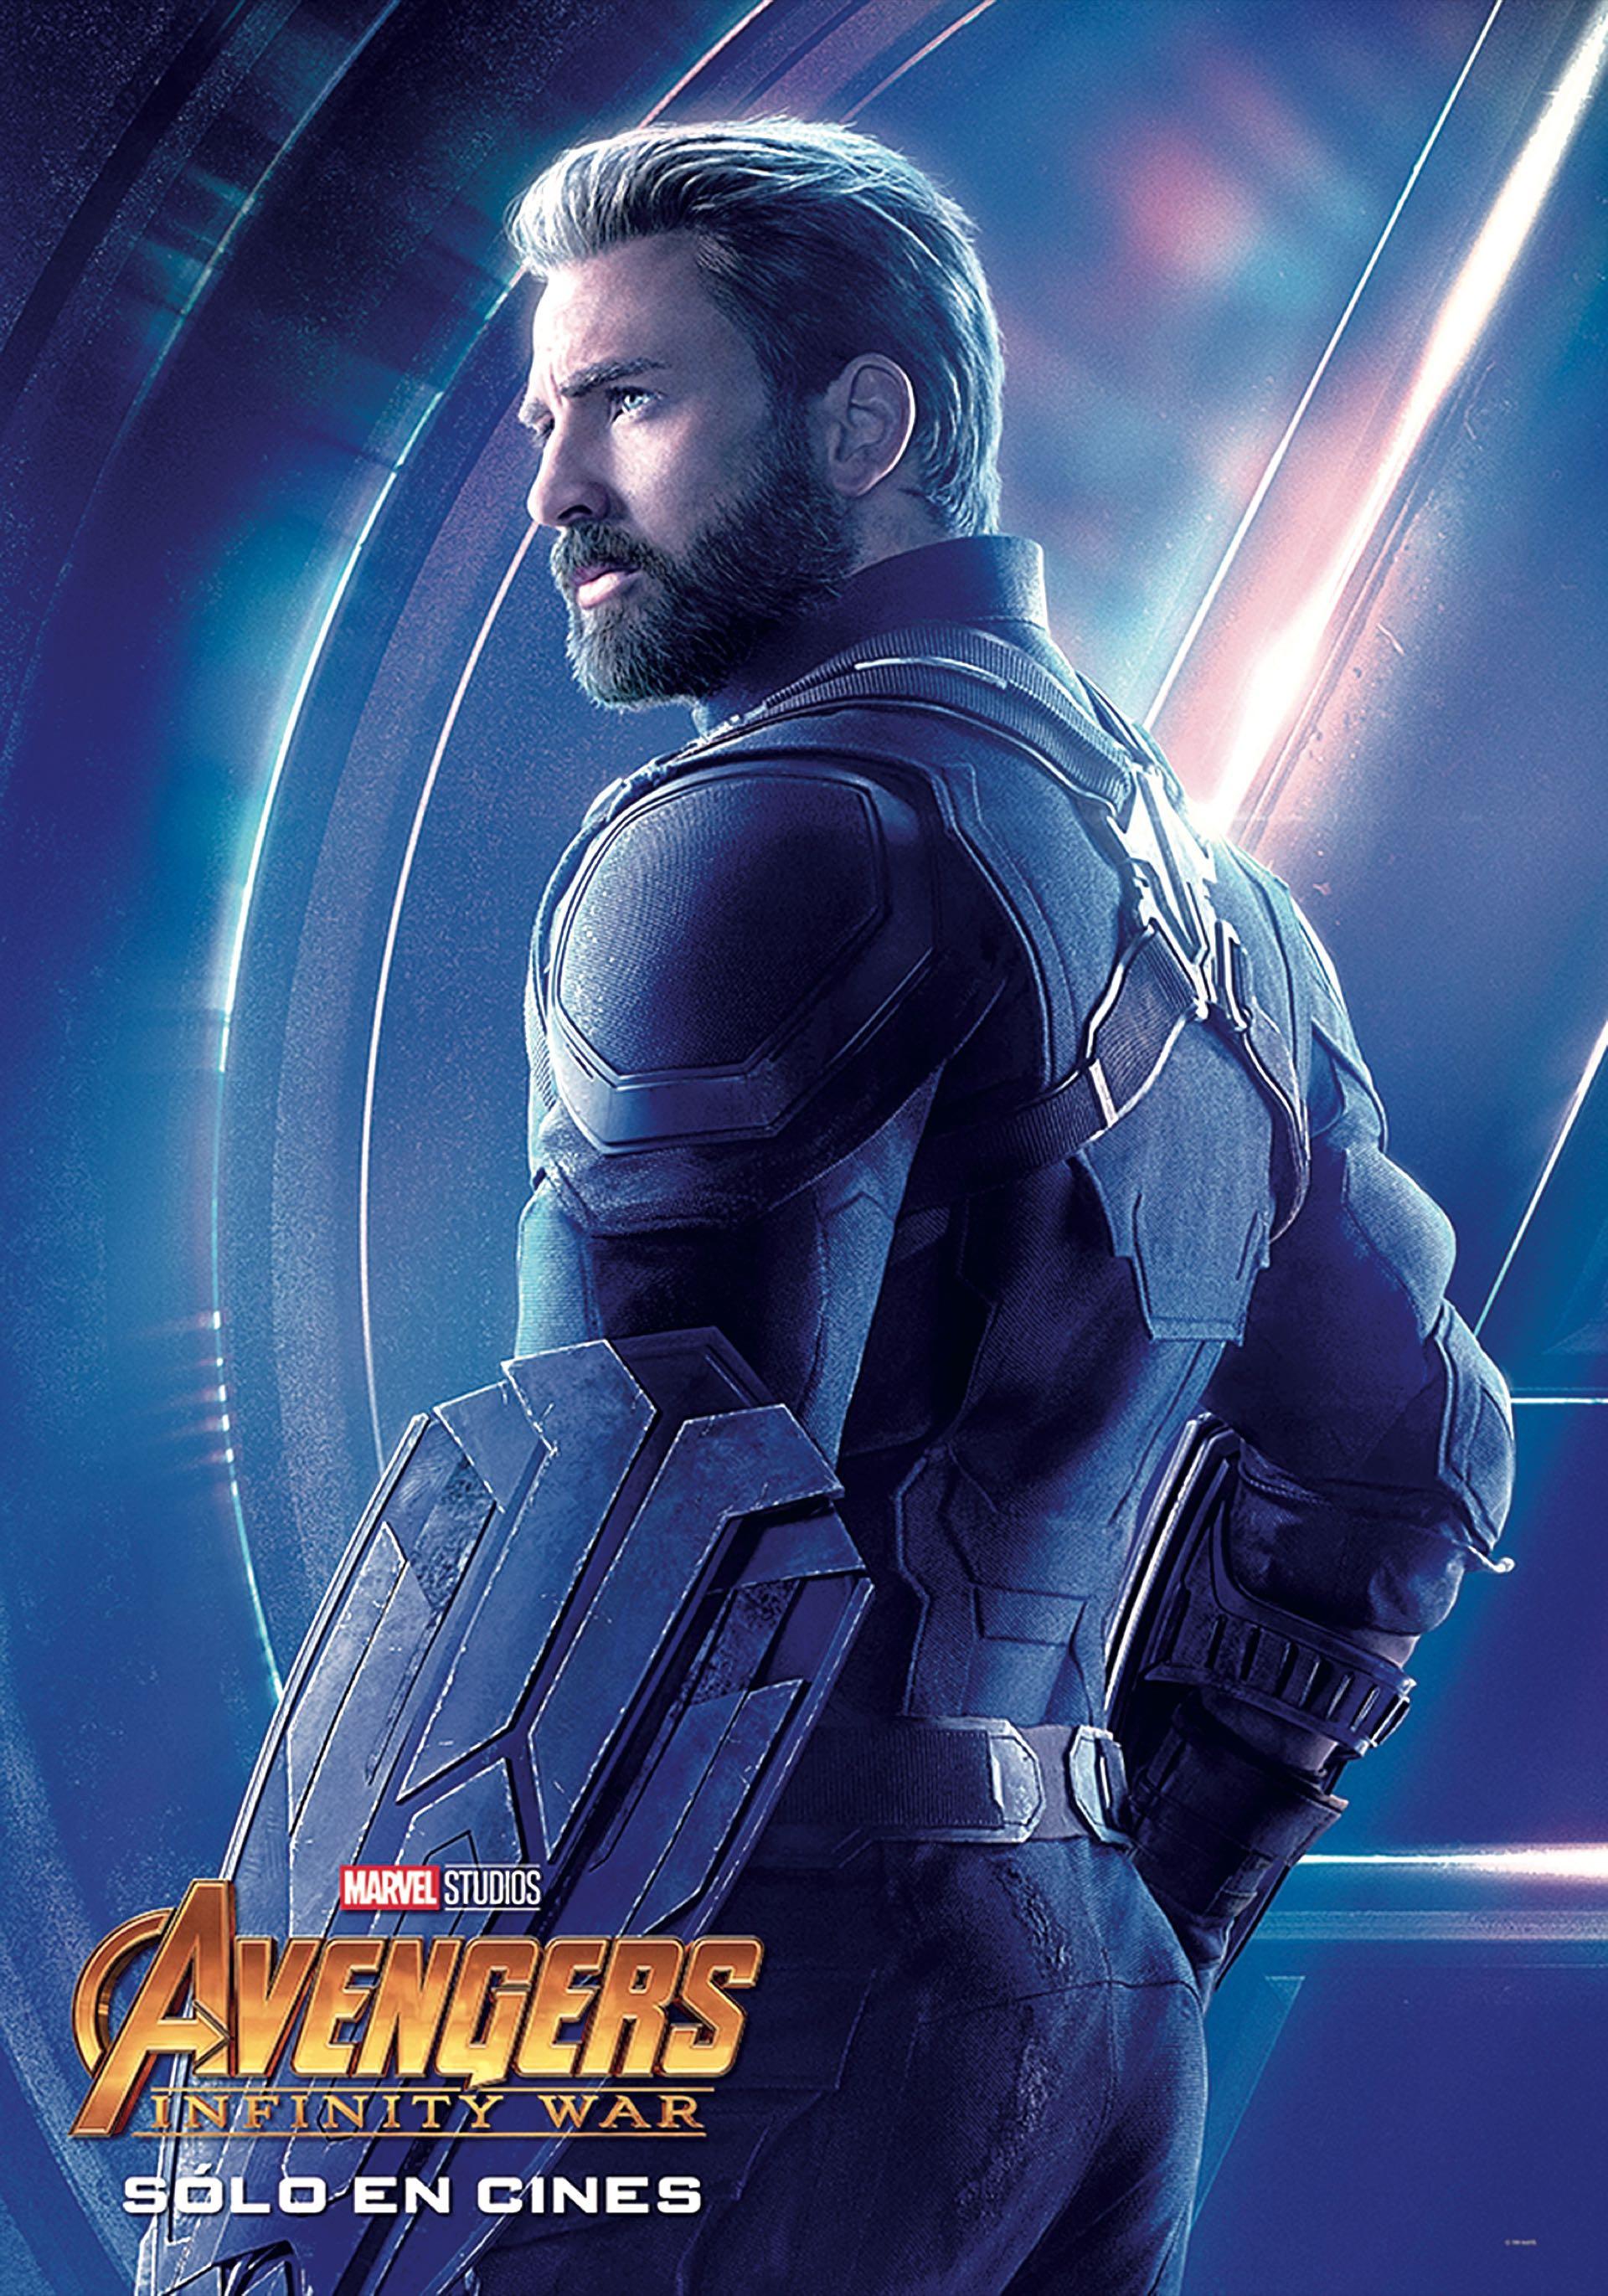 CAPITAN AMERICA. Uno de los infaltables, estrella entre los superhéroes de Marvel. El bostoniano Chris Evans, de 36 años, alcanzó fama mundial gracias a él.